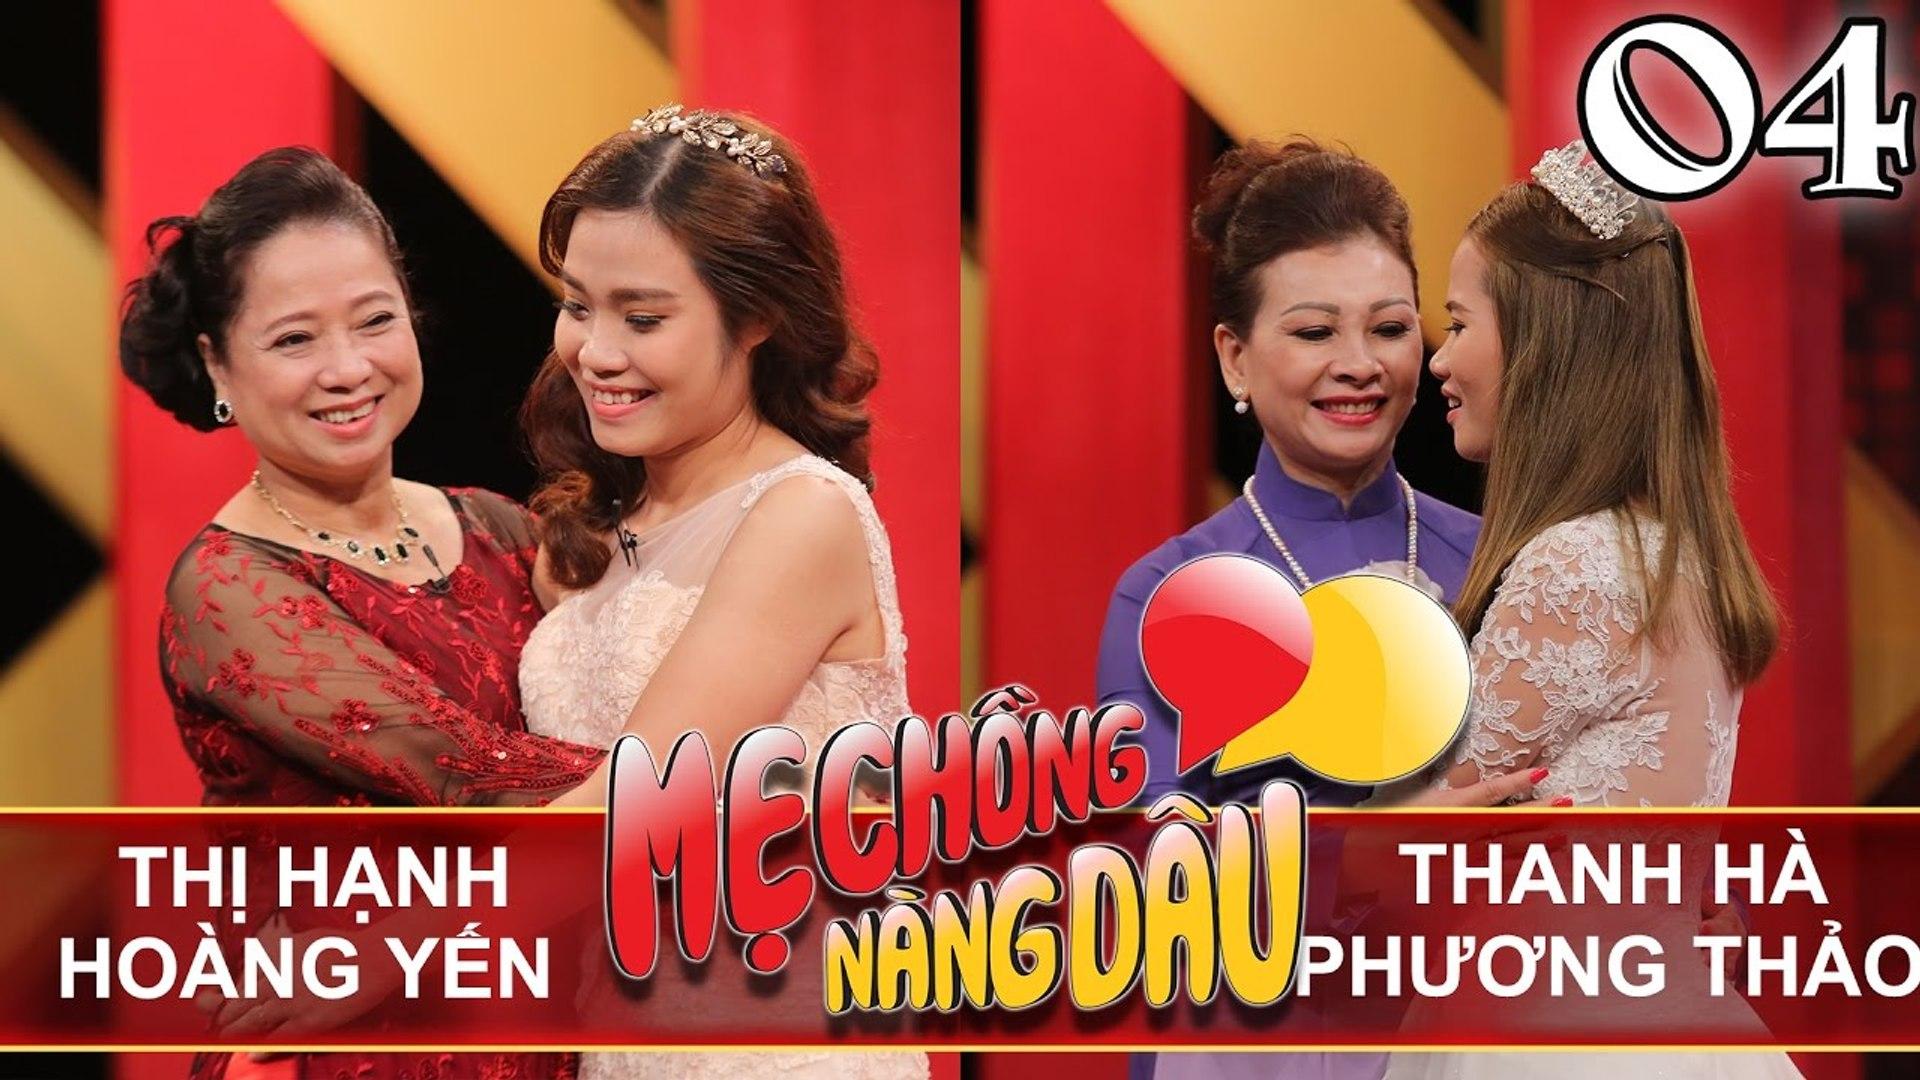 MẸ CHỒNG - NÀNG DÂU _ Tập 4 FULL _ Thị Hạnh - Hoàng Yến _ Thanh Hà - Phương Thảo